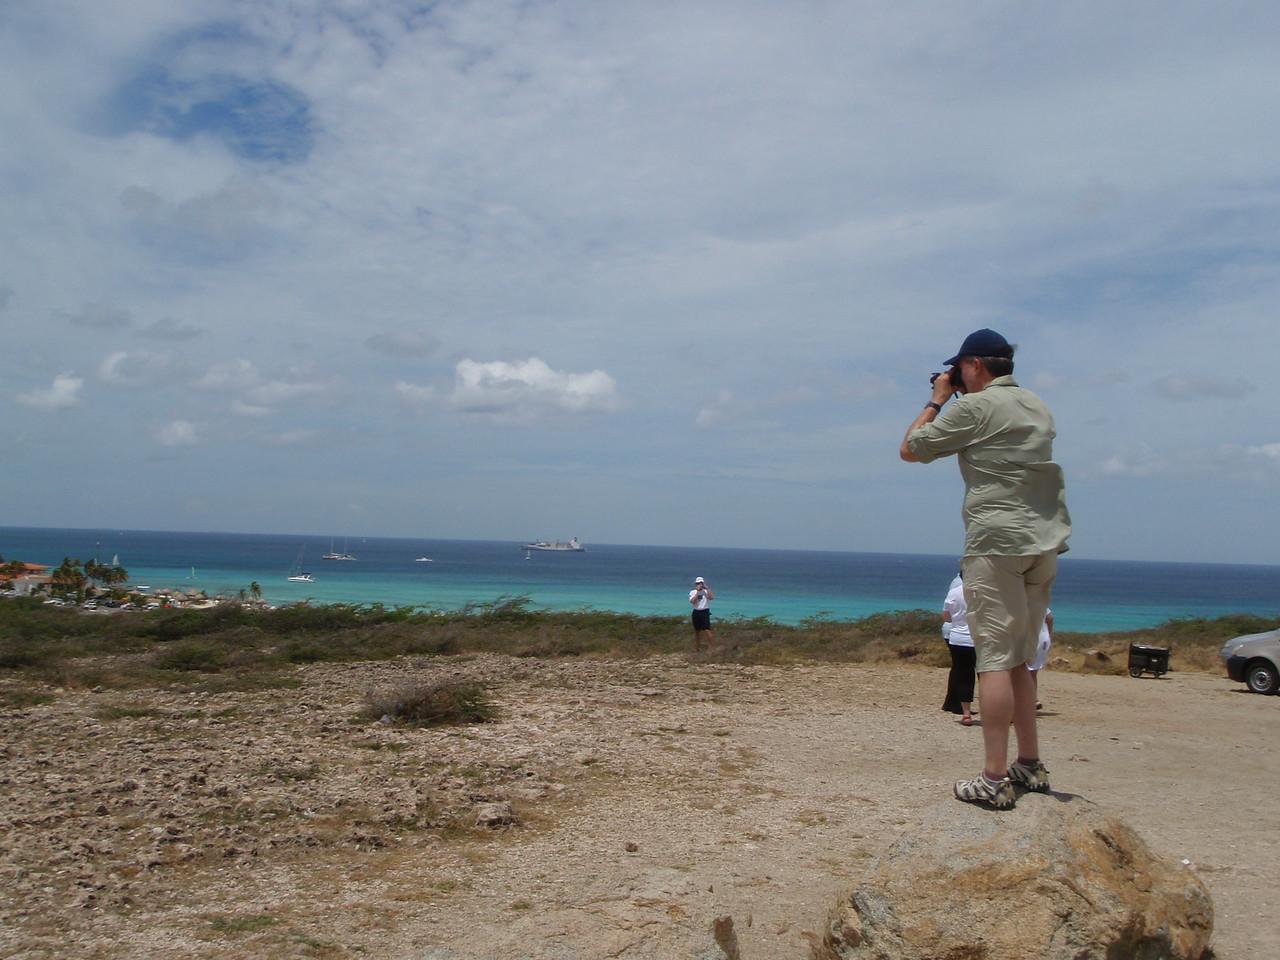 Kenny taking photos.